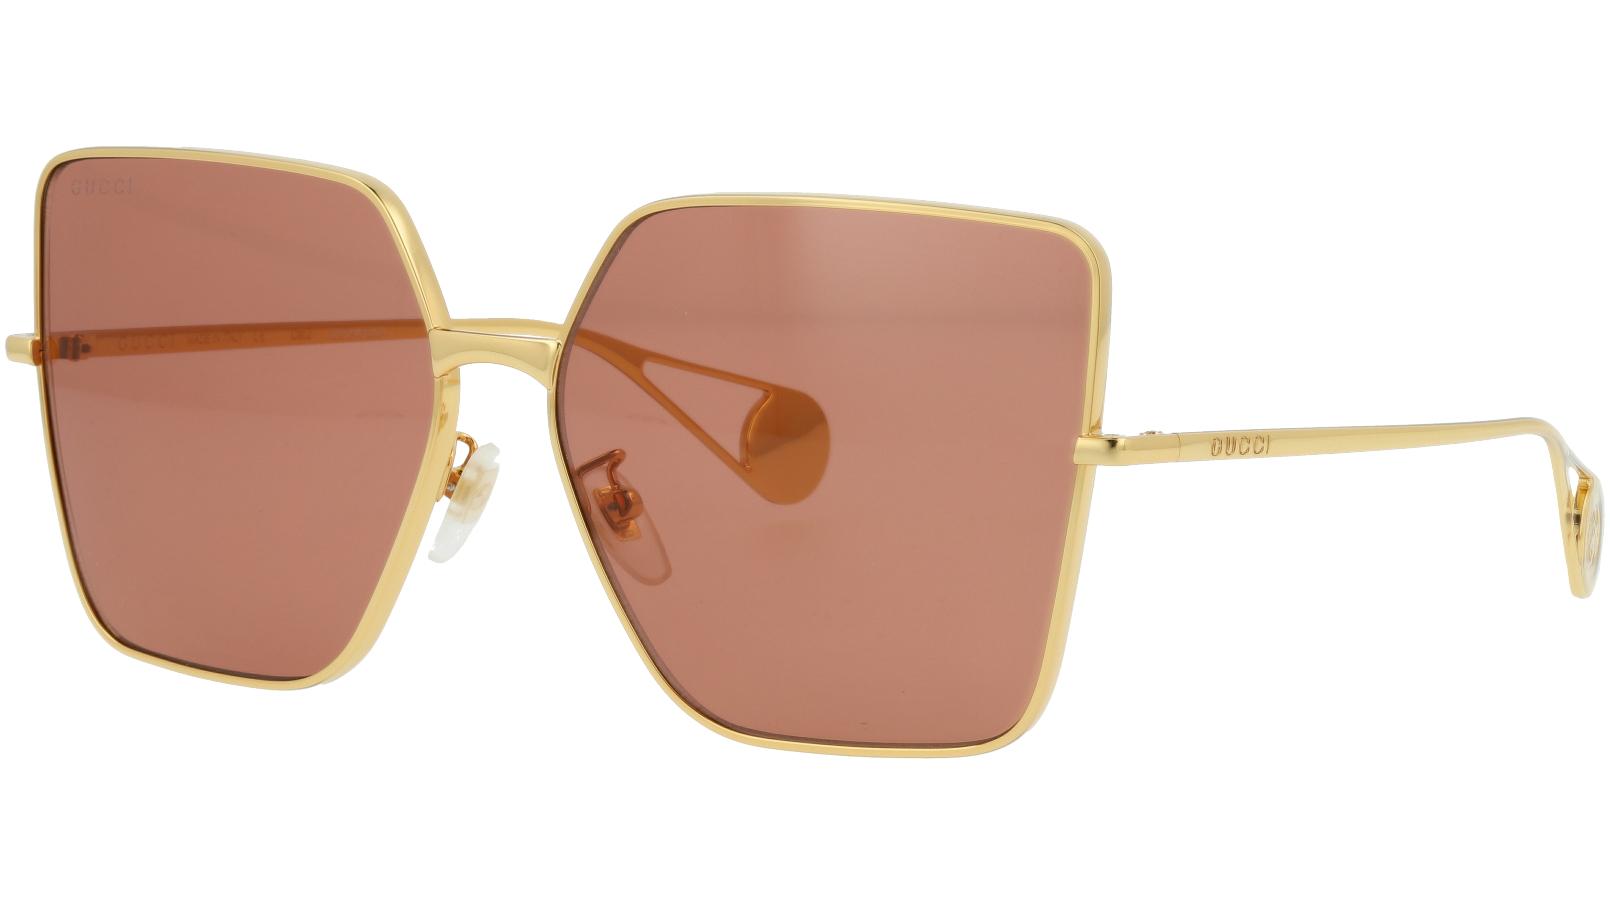 GUCCI GG0436S 005 61 GOLD Sunglasses